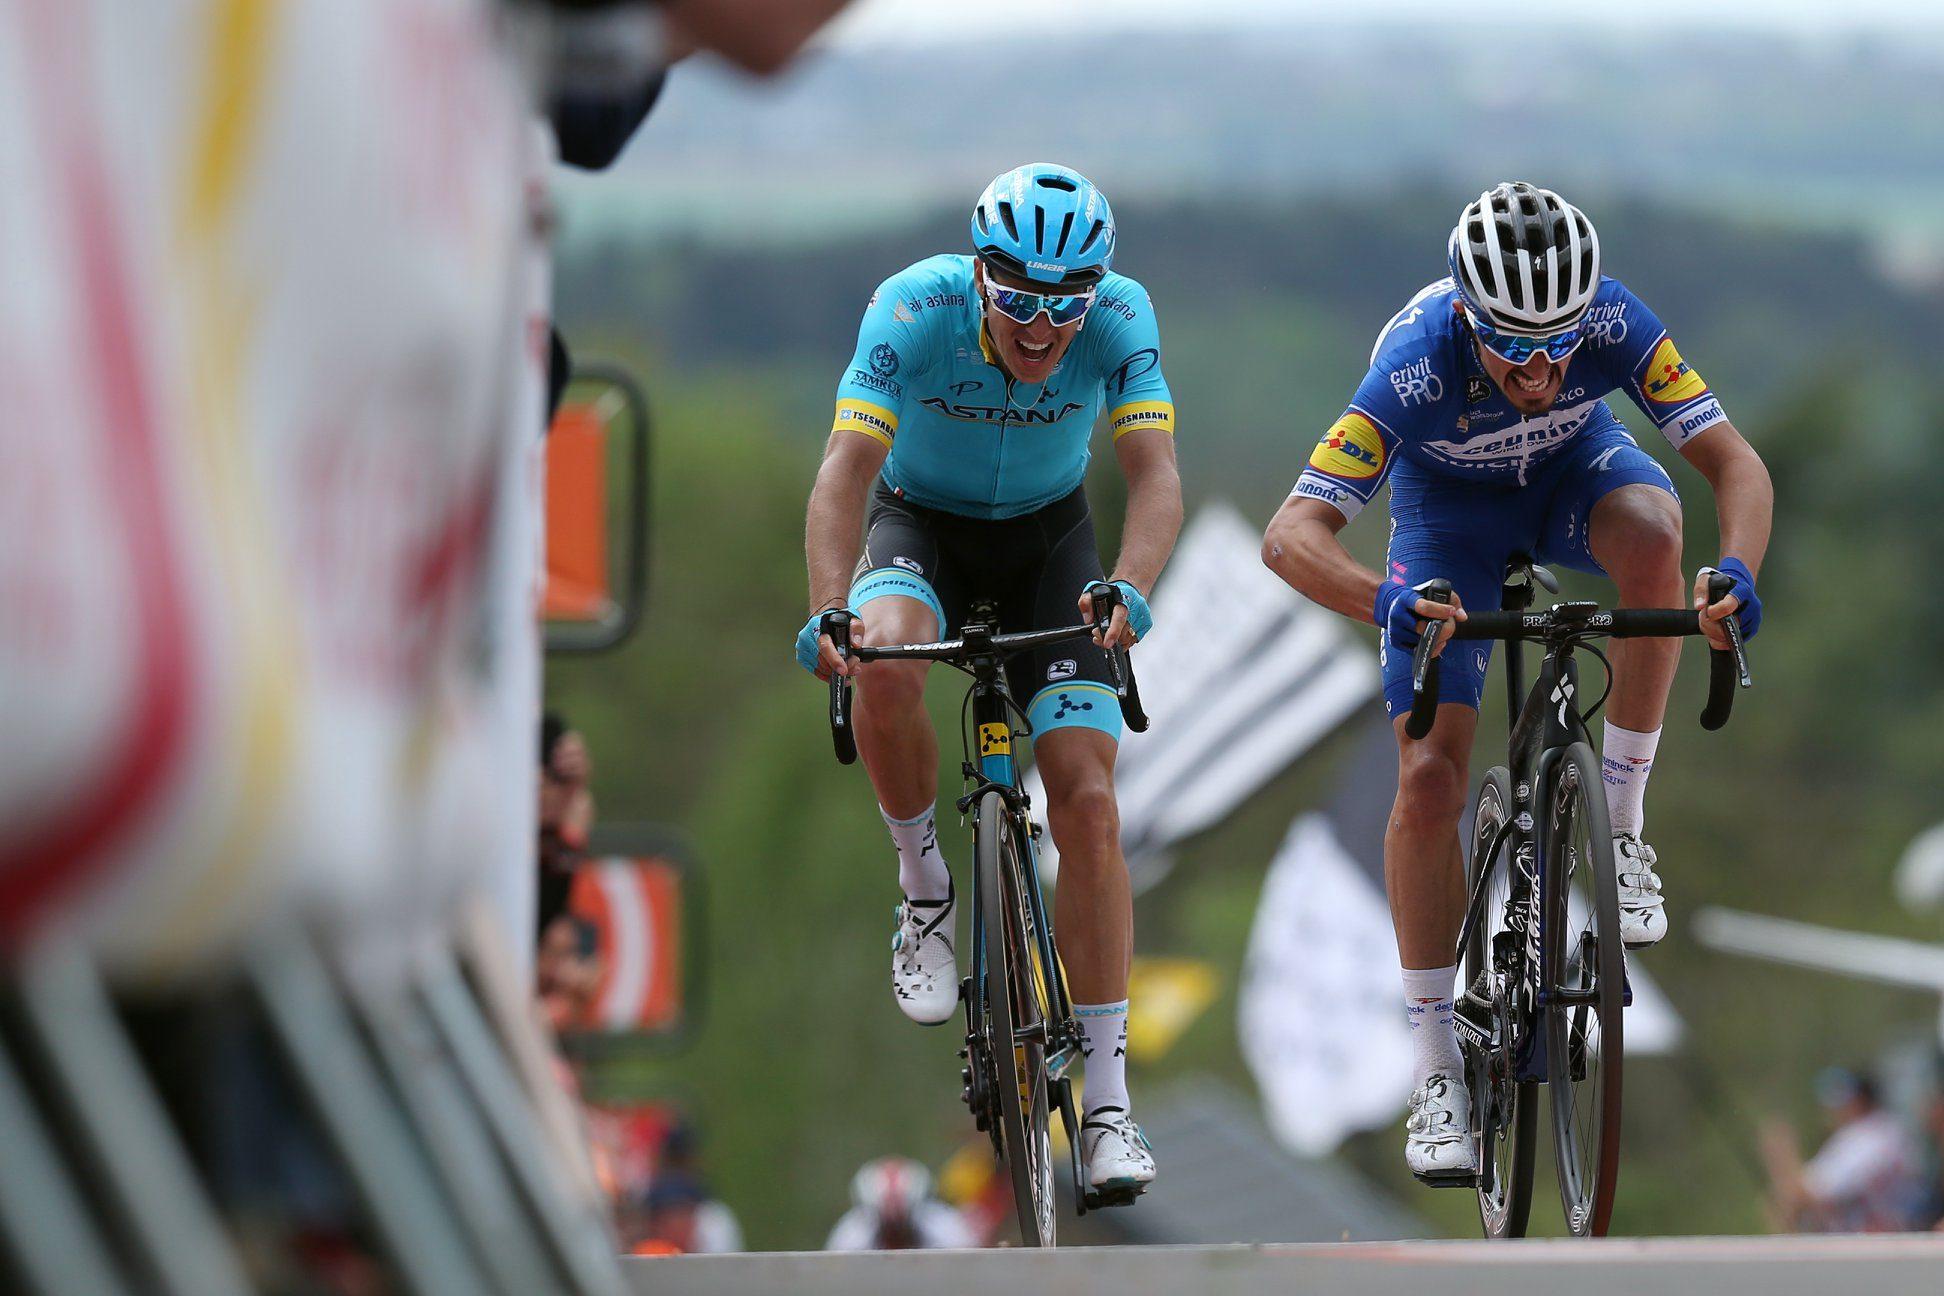 Жюлиан Алафилипп выиграл велогонку «Флеш Валлонь— 2019»